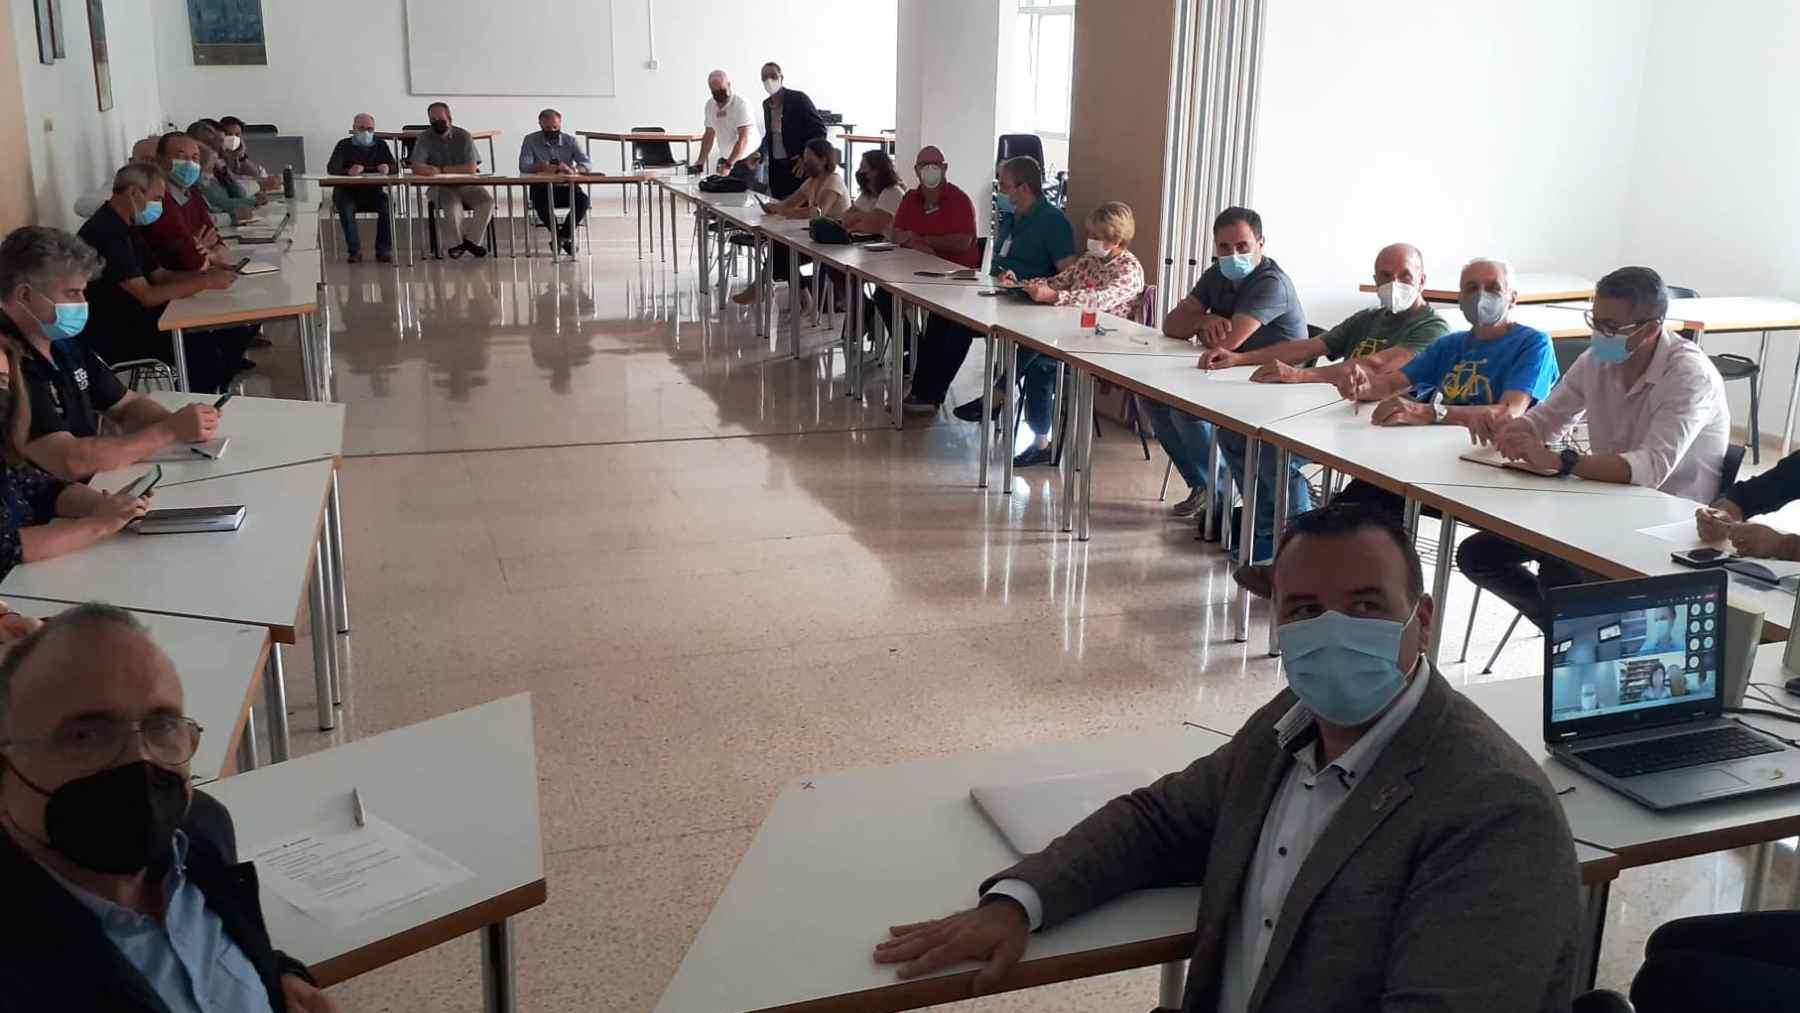 Reunión de la Mesa de Movilidad del Ayuntamiento de Palma, con el edil Dalmau en primer término.